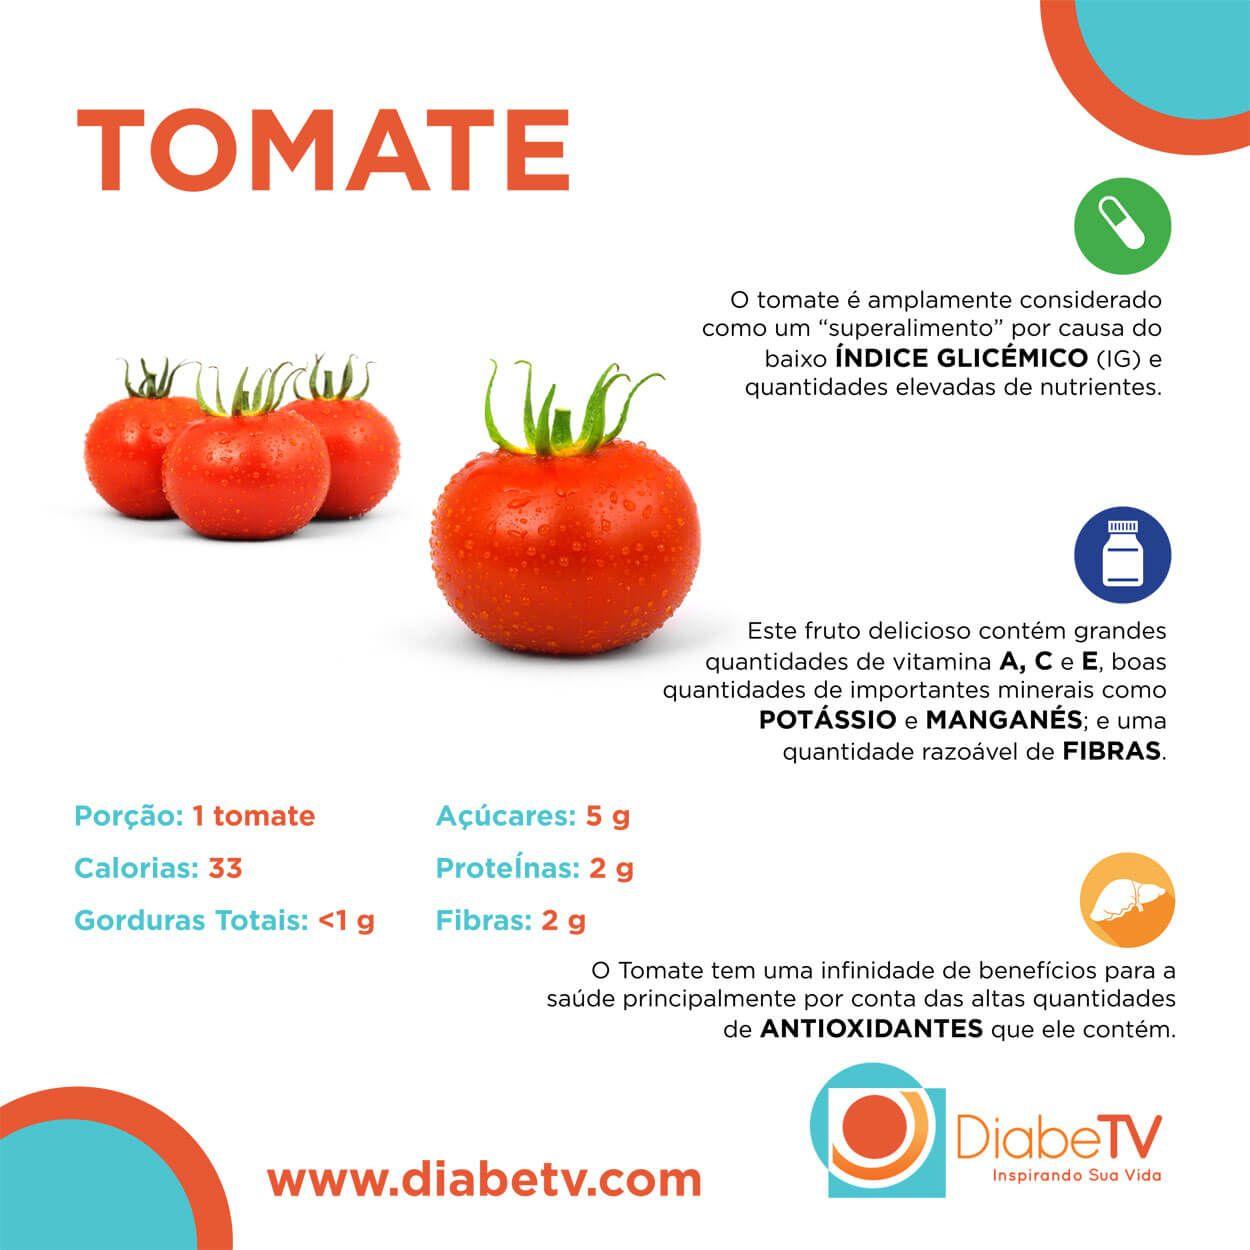 Beneficios Do Tomate Diabetv Dicas Nutricionais Dicas De